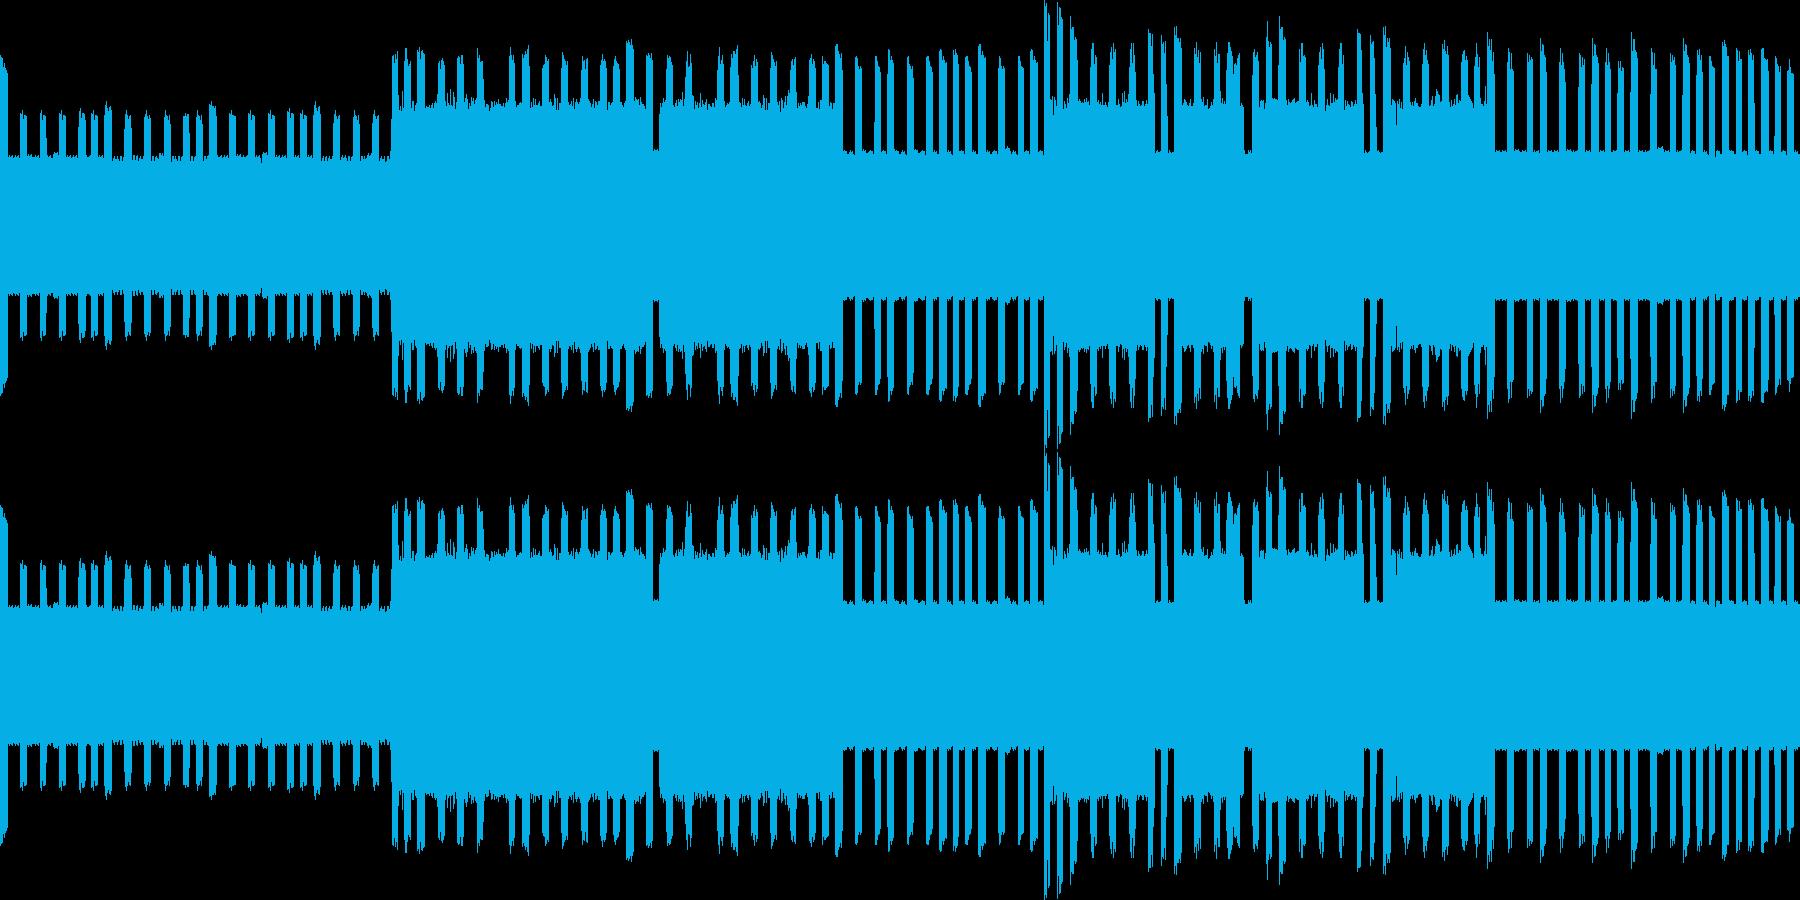 ファ○コン風のピコピコ音楽の再生済みの波形